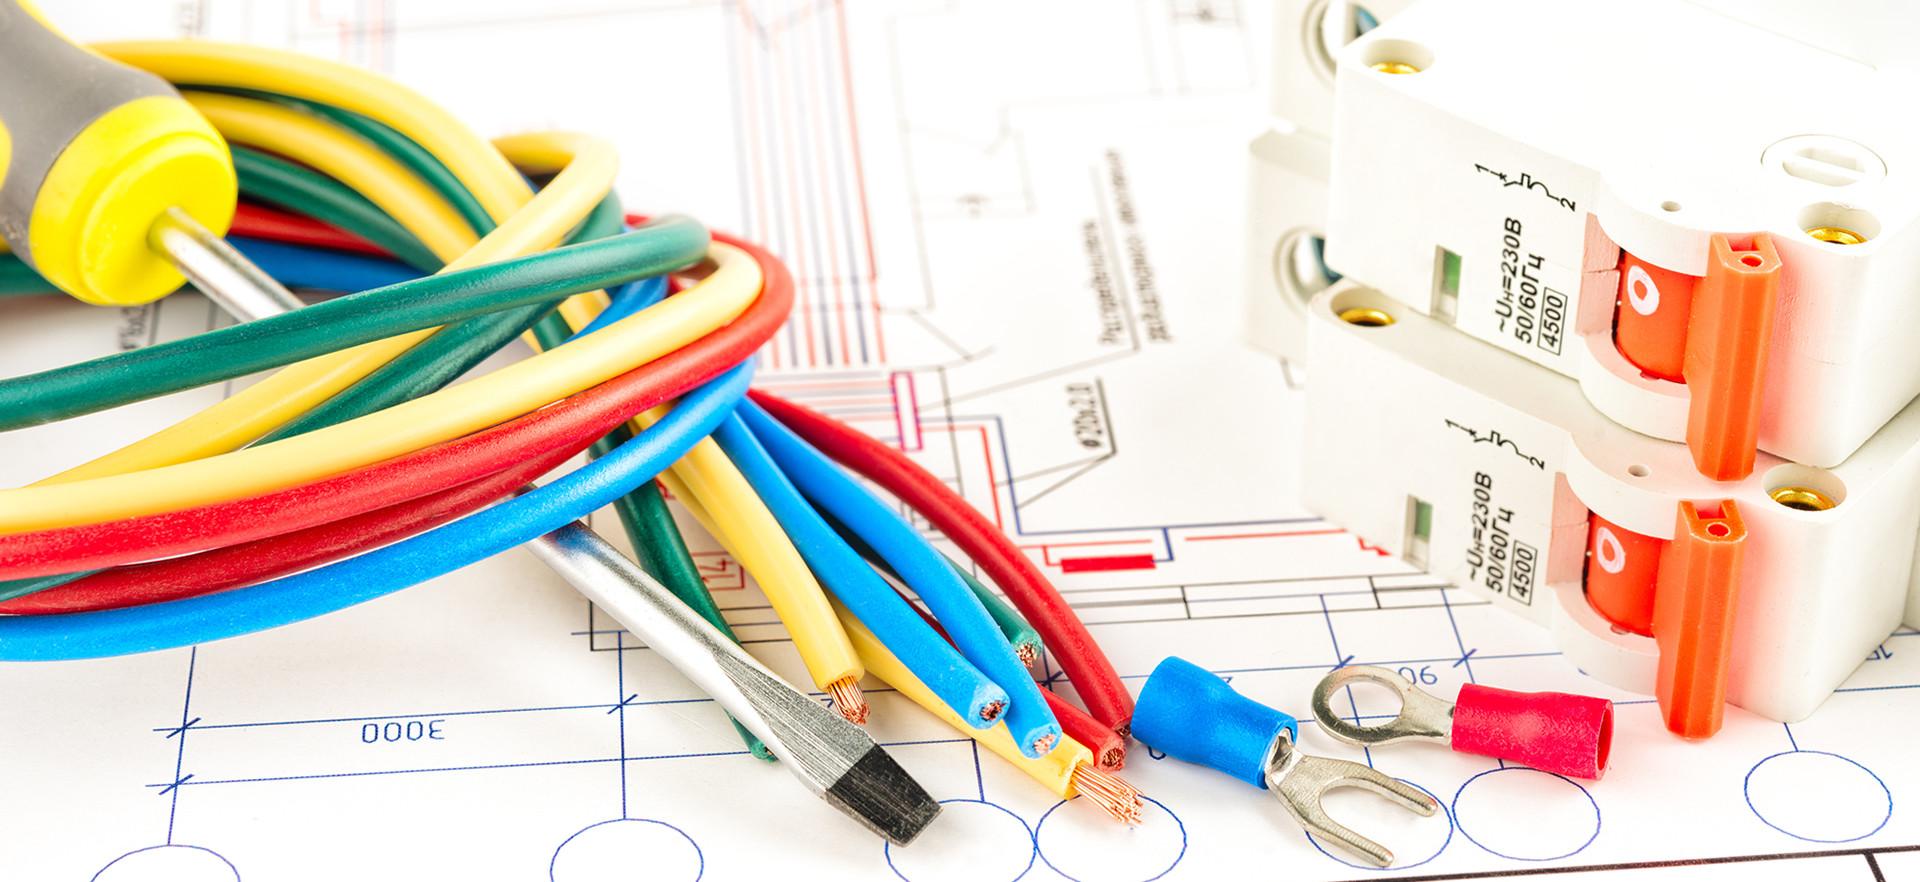 realizzazione-impianti-elettrici-industriali-sassari-safety-energy